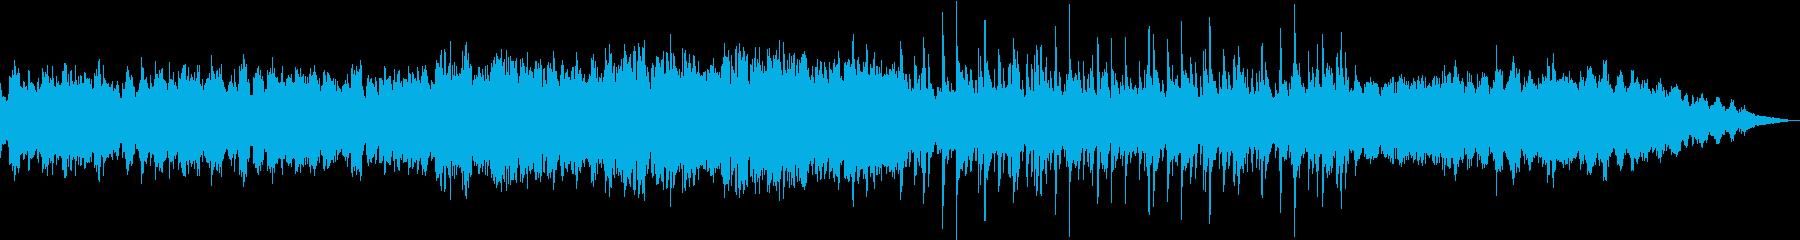 癒し系のBGMの再生済みの波形